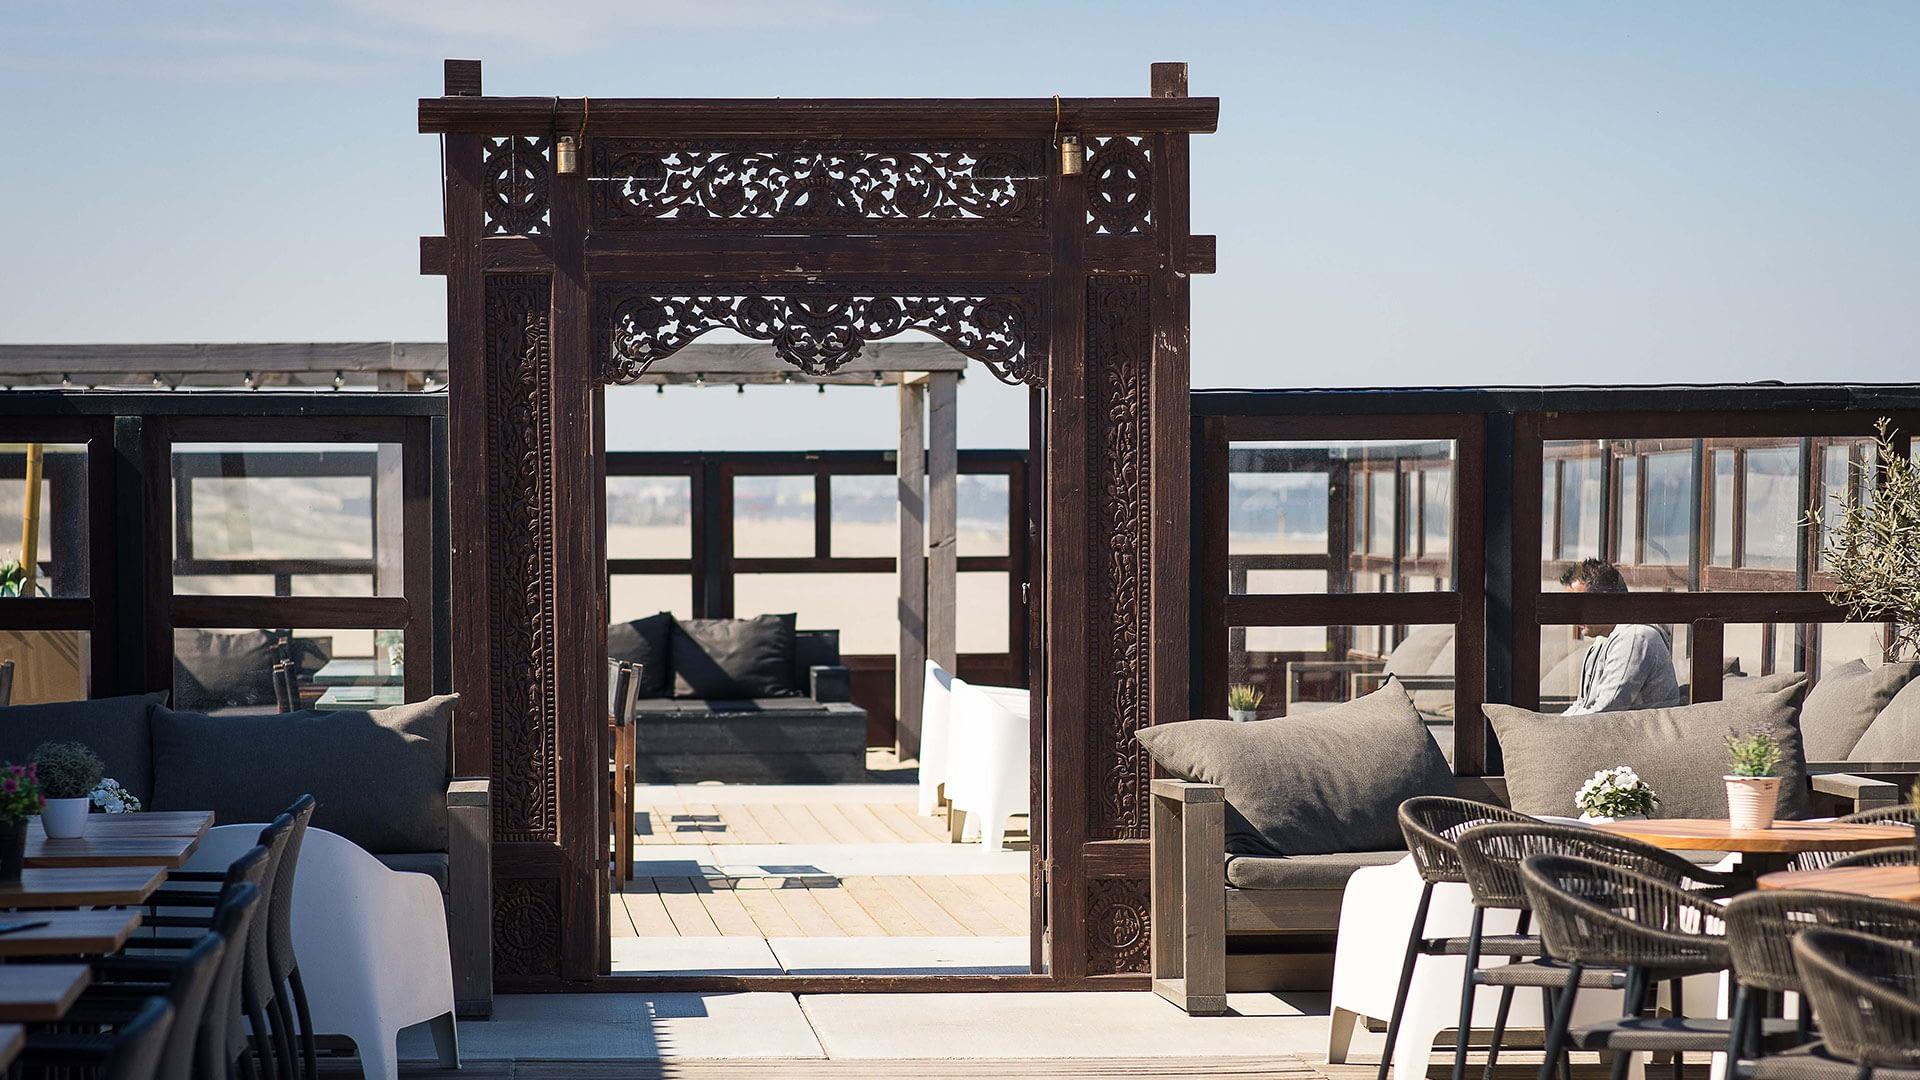 buitenterras van strandtent Bondi Beach Club in Monster in het Westland met gedekte tafels en een fraai Balinese teakhouten deur met snijwerk en uitzicht op zee